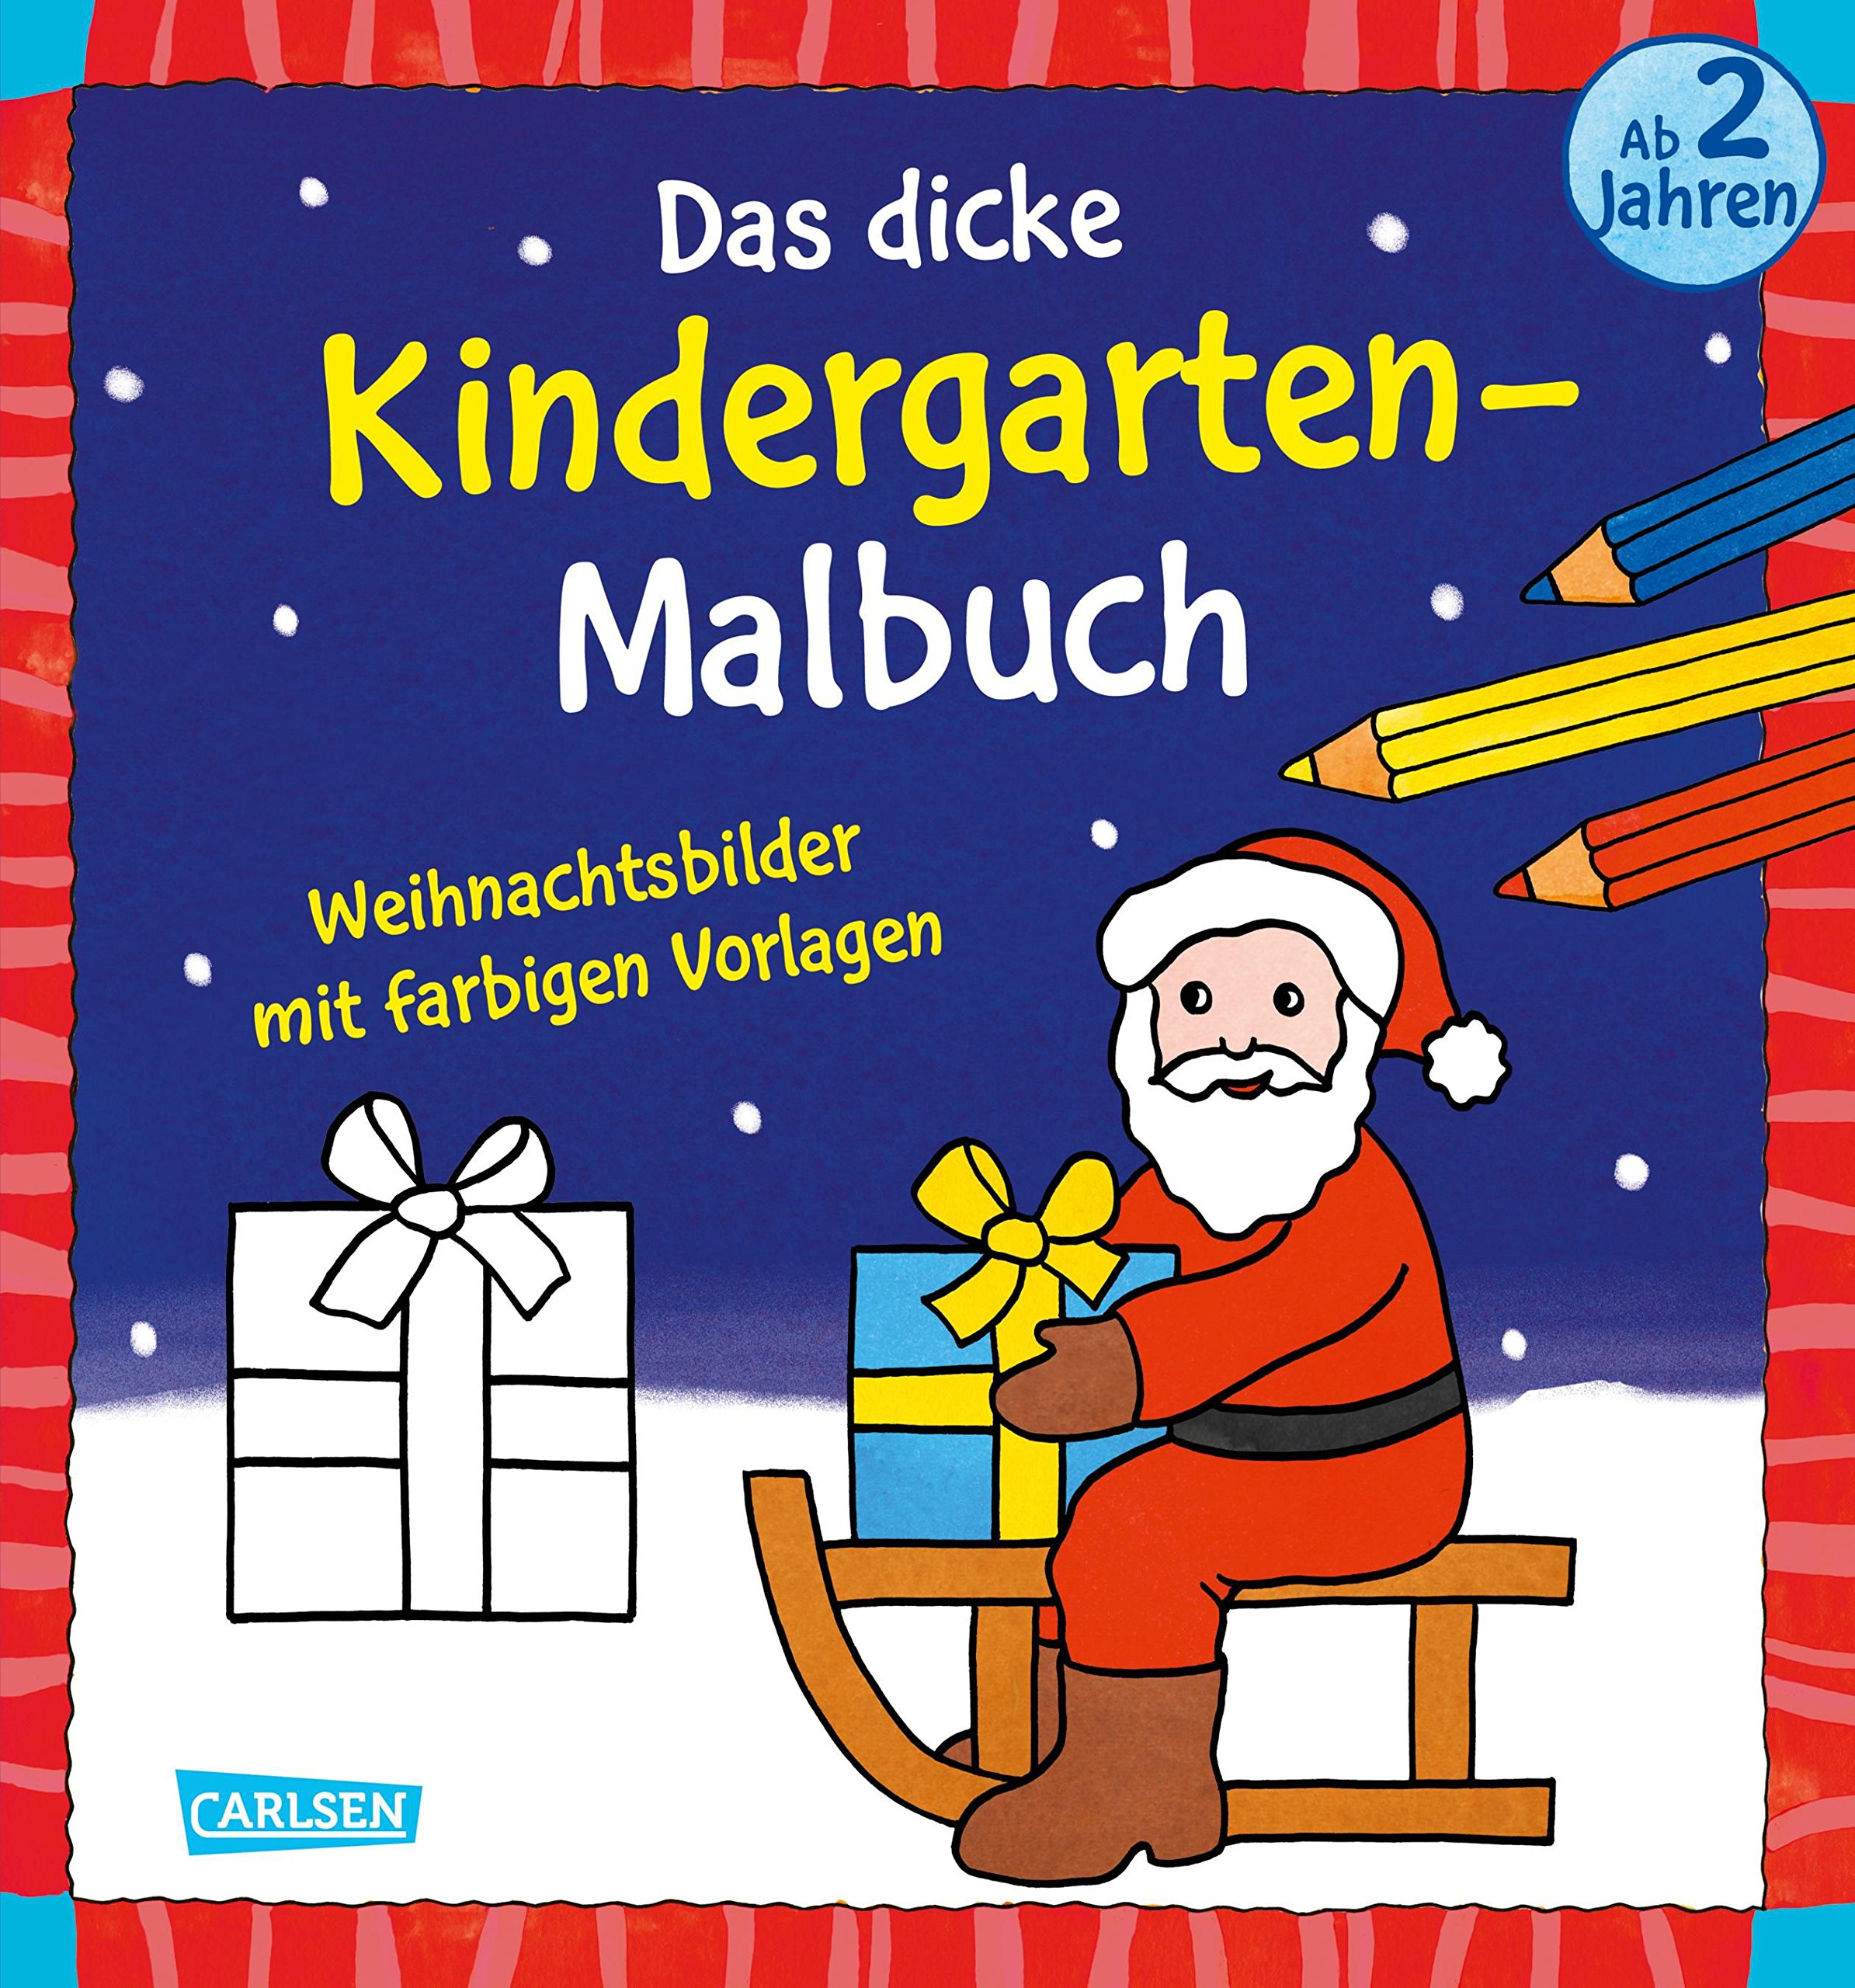 Weihnachtsbilder Mit Text.Das Dicke Kindergarten Malbuch Weihnachtsbilder Mit Farbigen